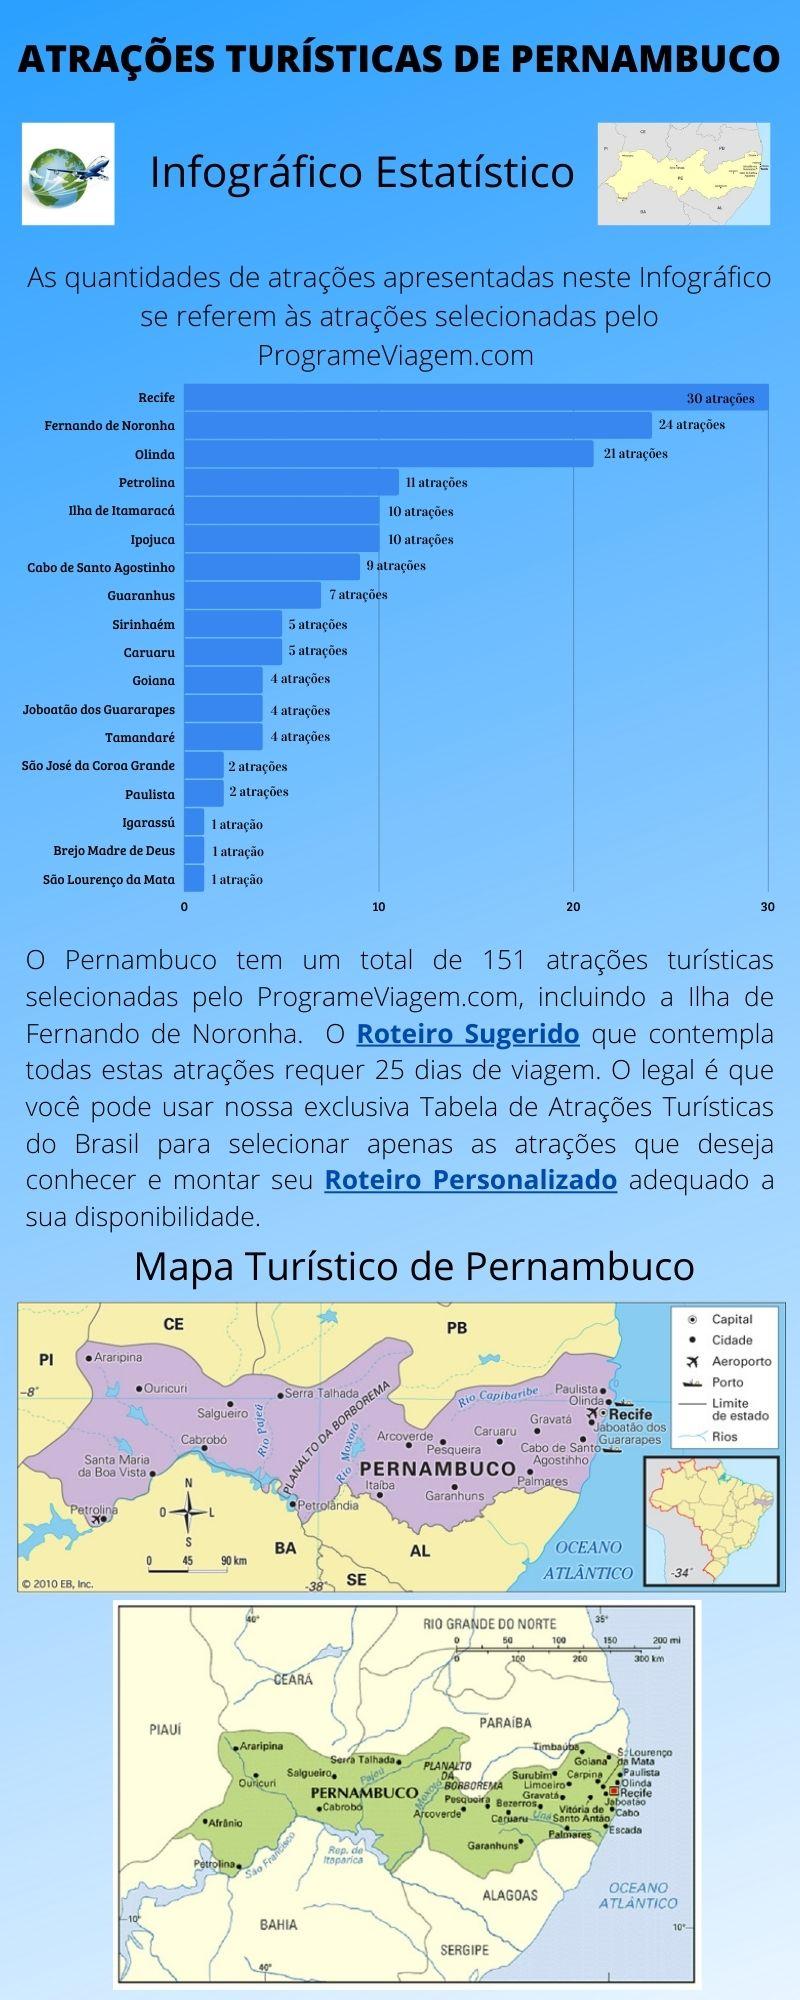 Infográfico Atrações Turísticas de Pernambuco